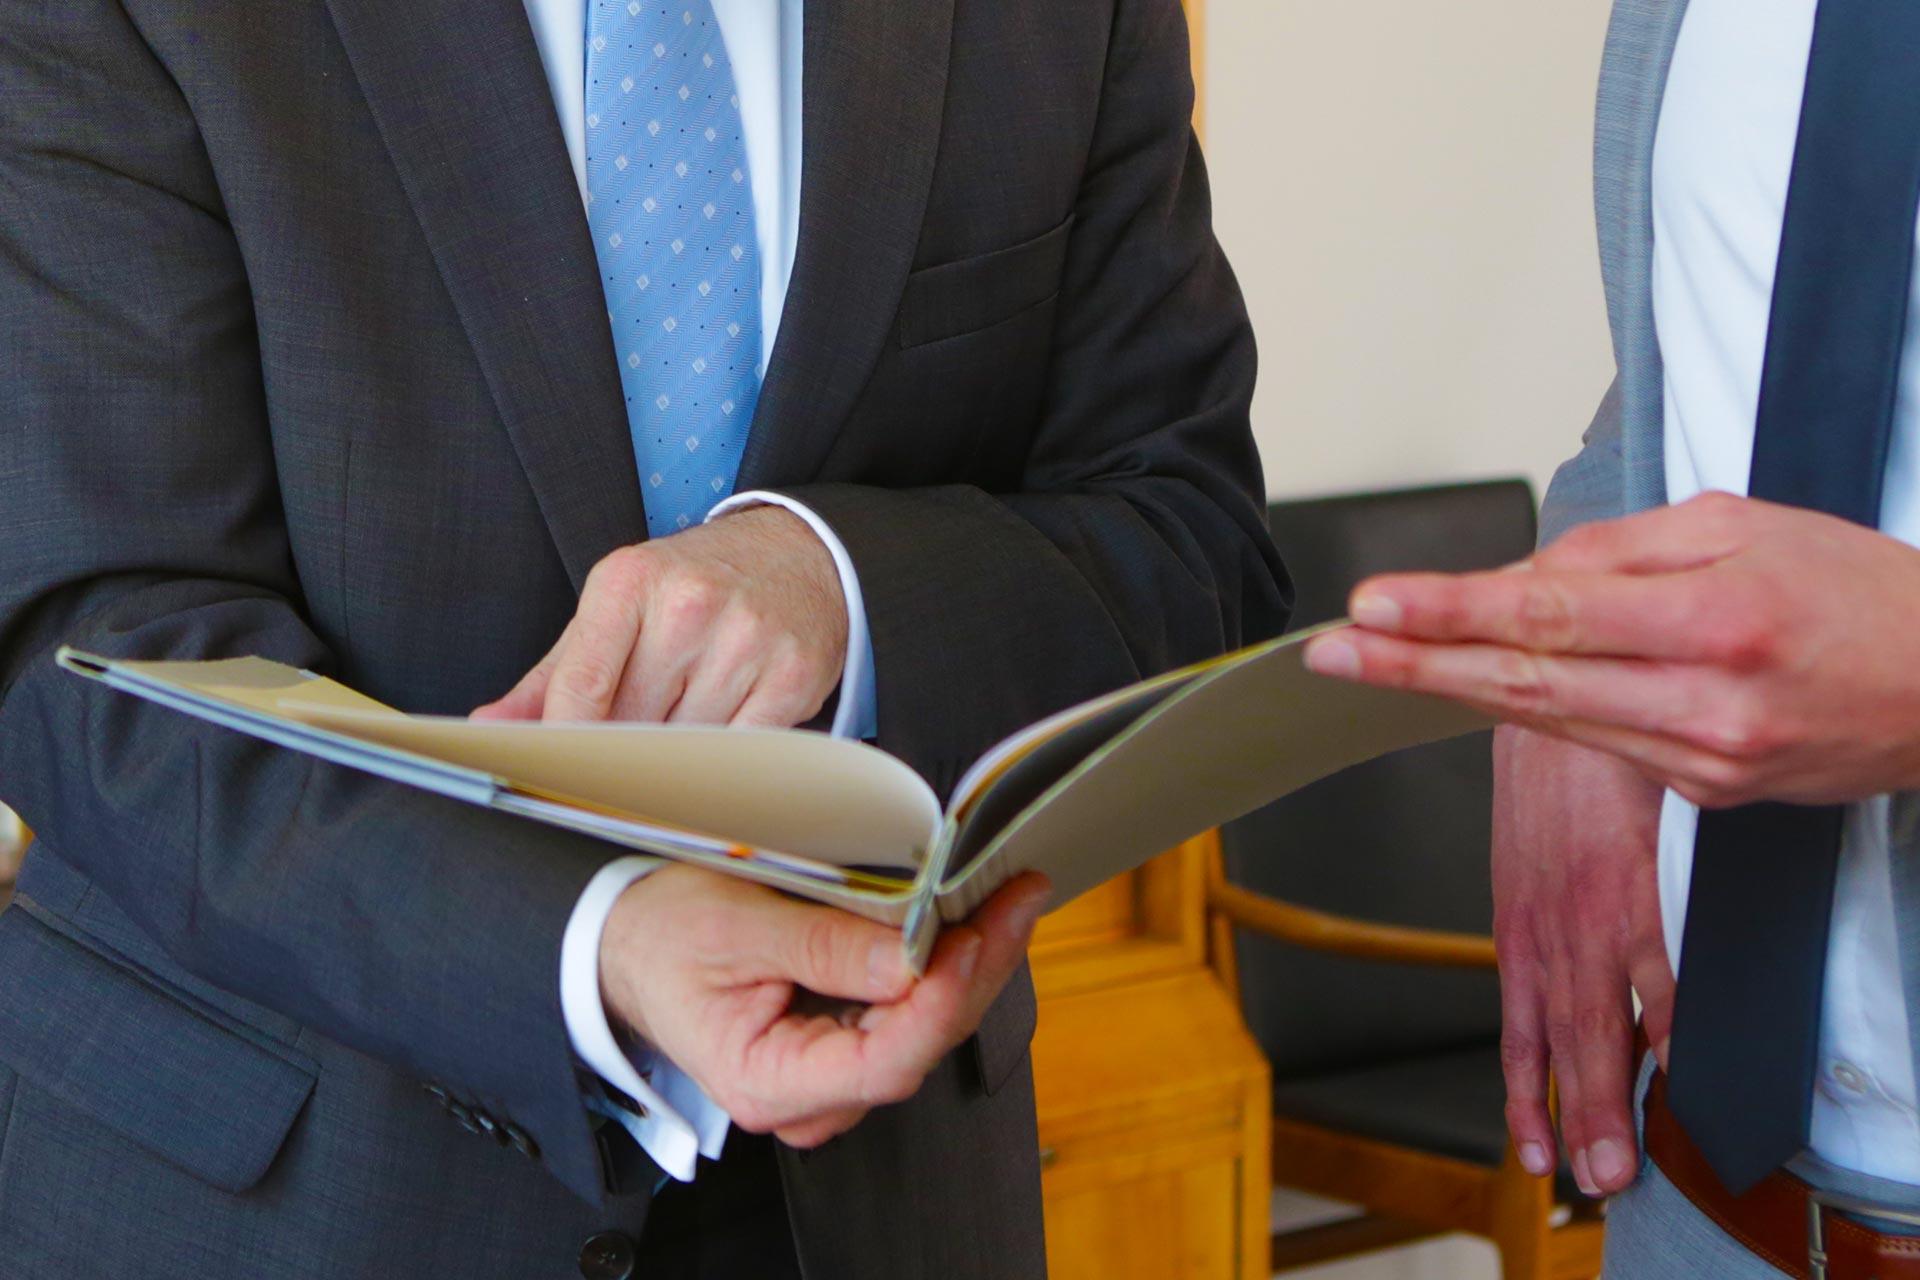 Wir suchen eine/n Rechtsanwältin/Rechtsanwalt in Braunschweig